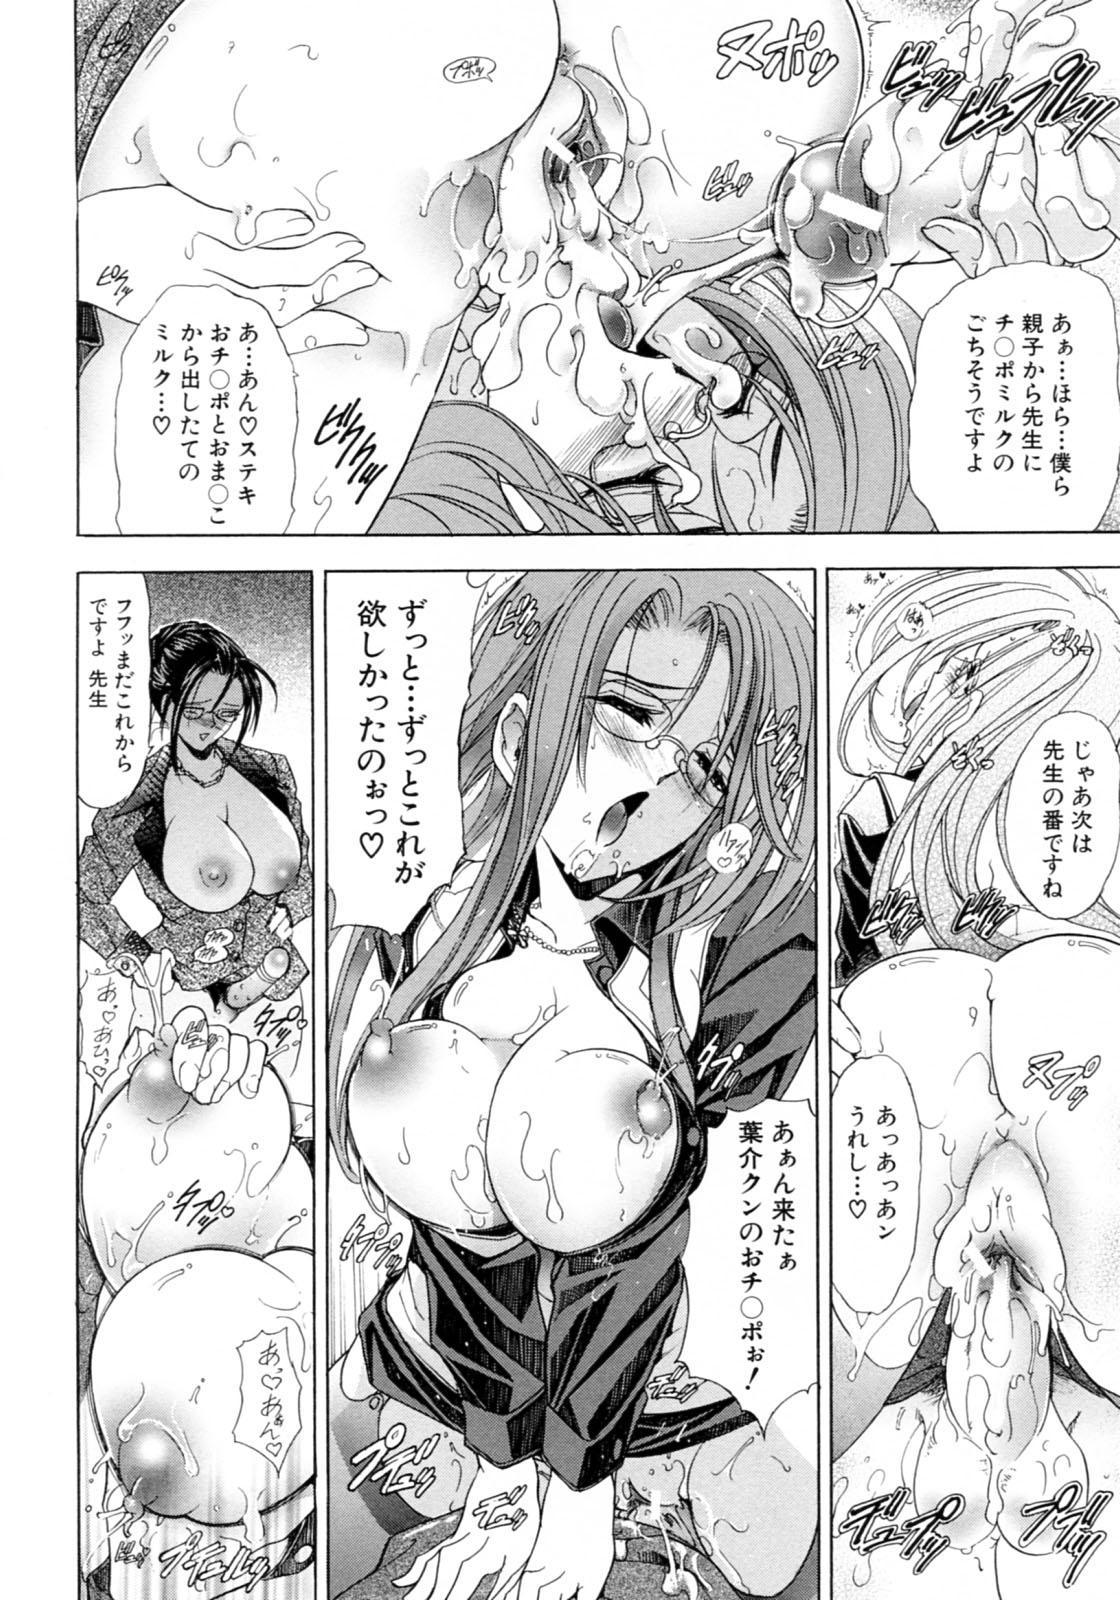 Kinsoku Shikou 23